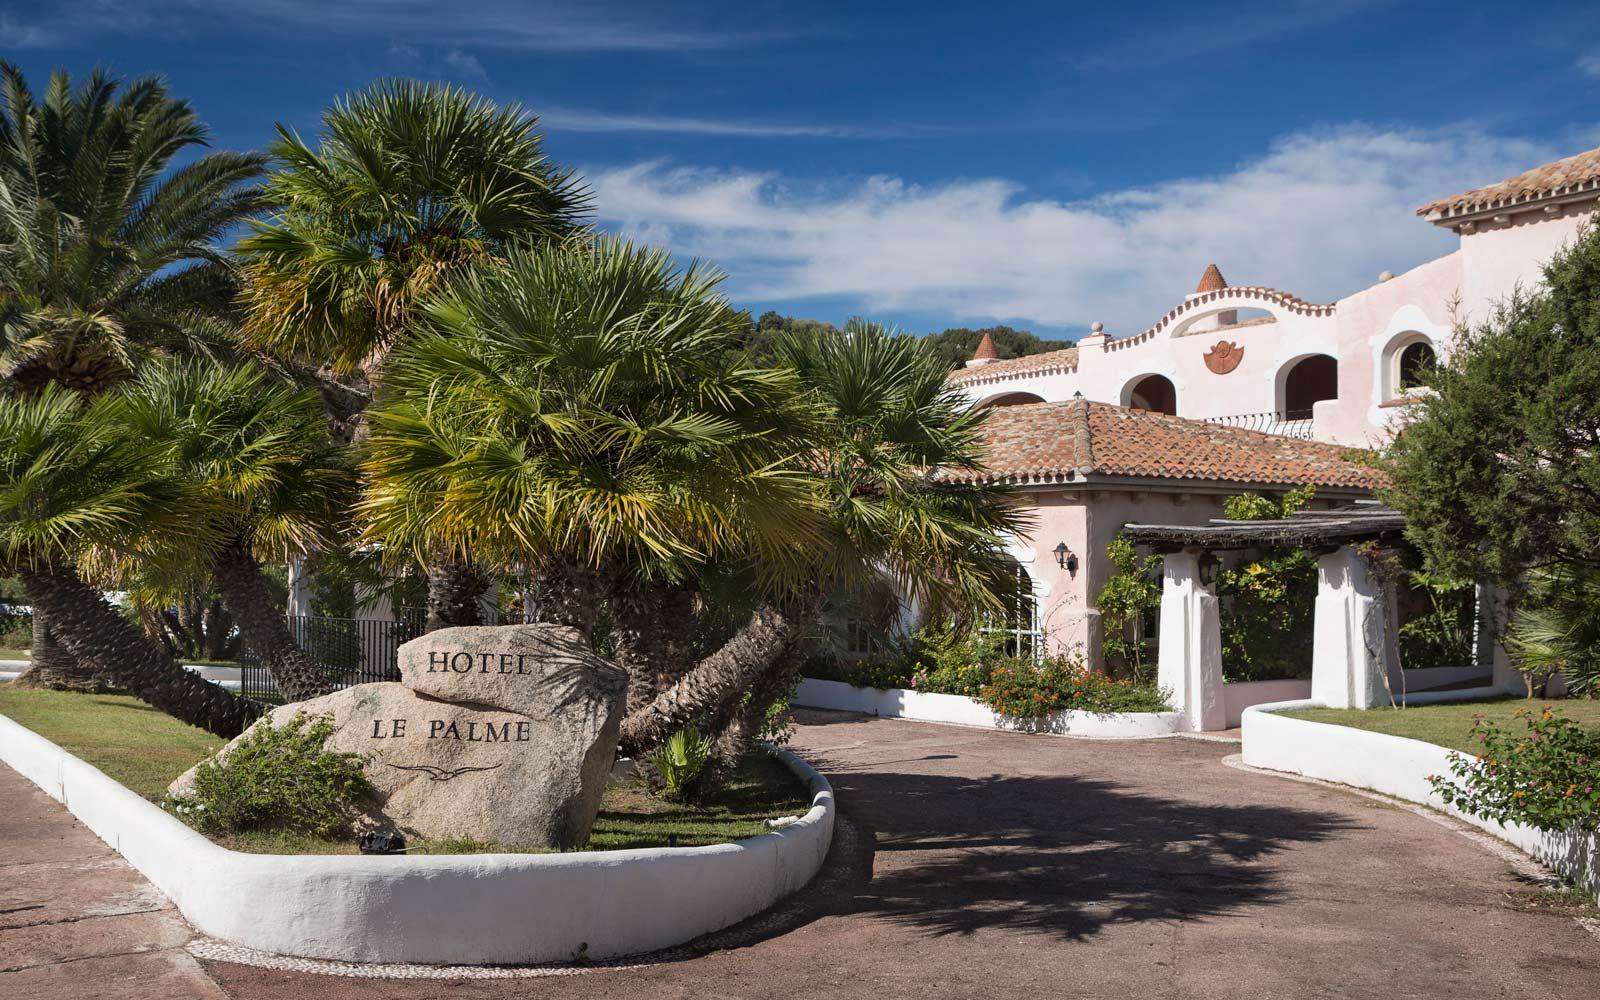 Entrance at Le Palme